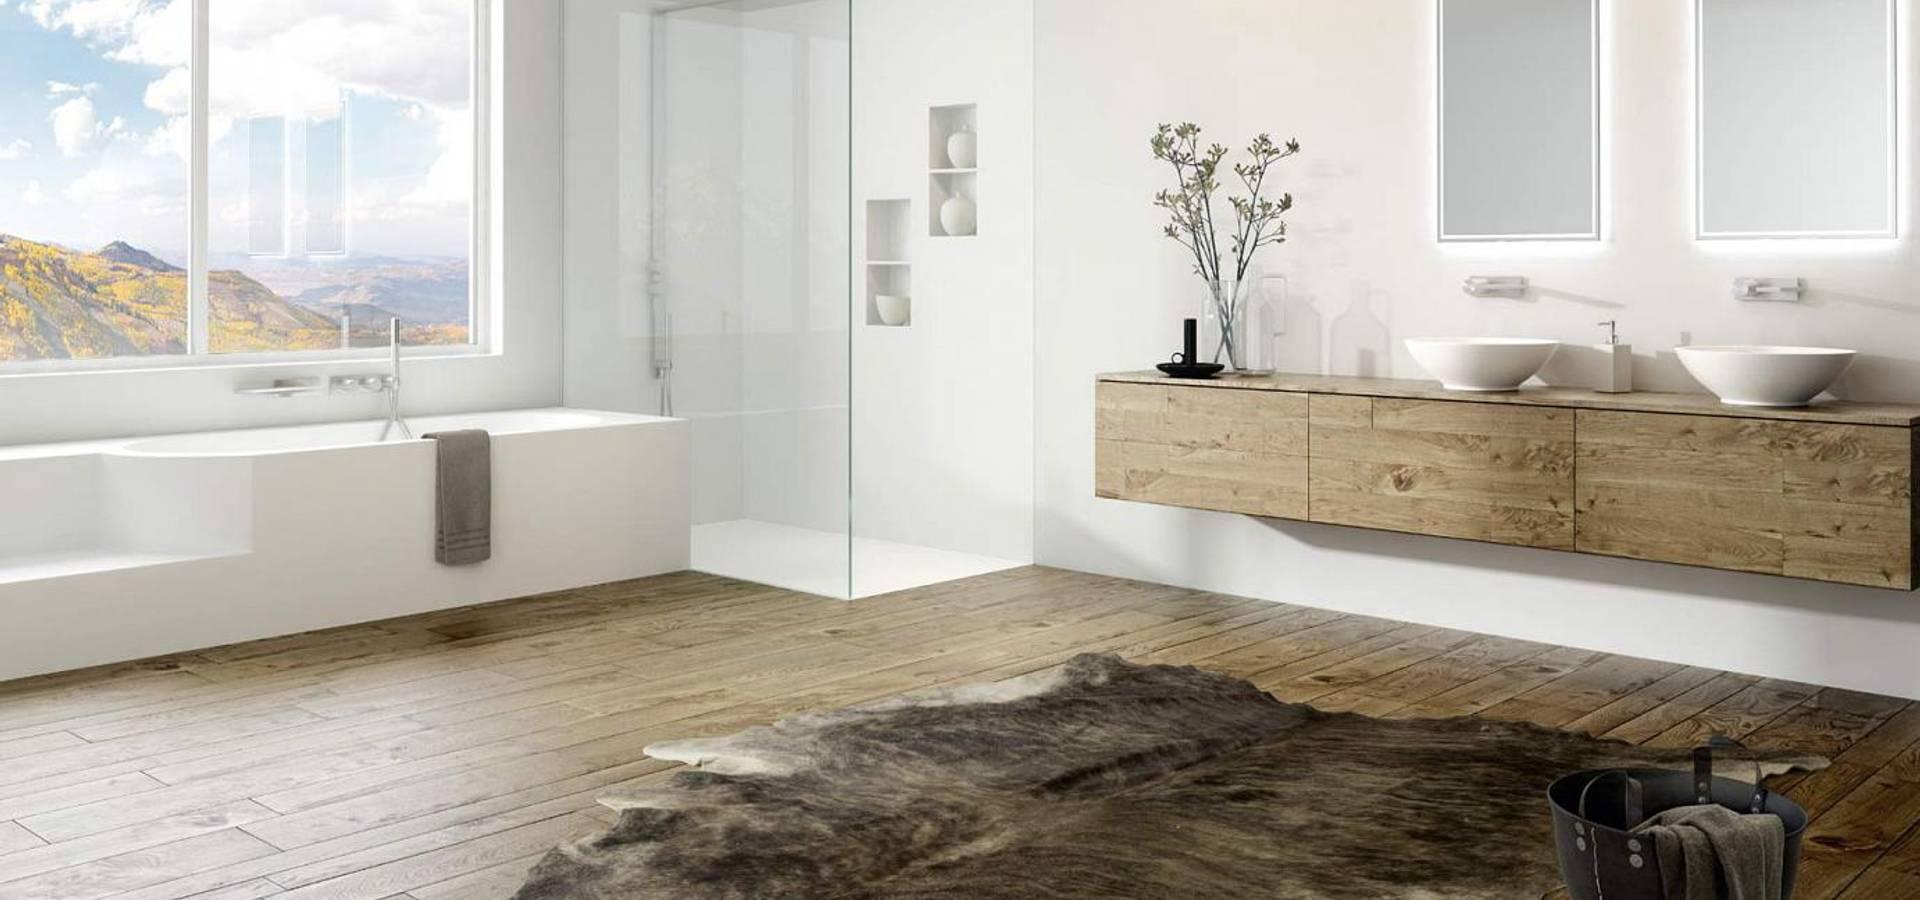 talsee badgestaltung in bern homify. Black Bedroom Furniture Sets. Home Design Ideas